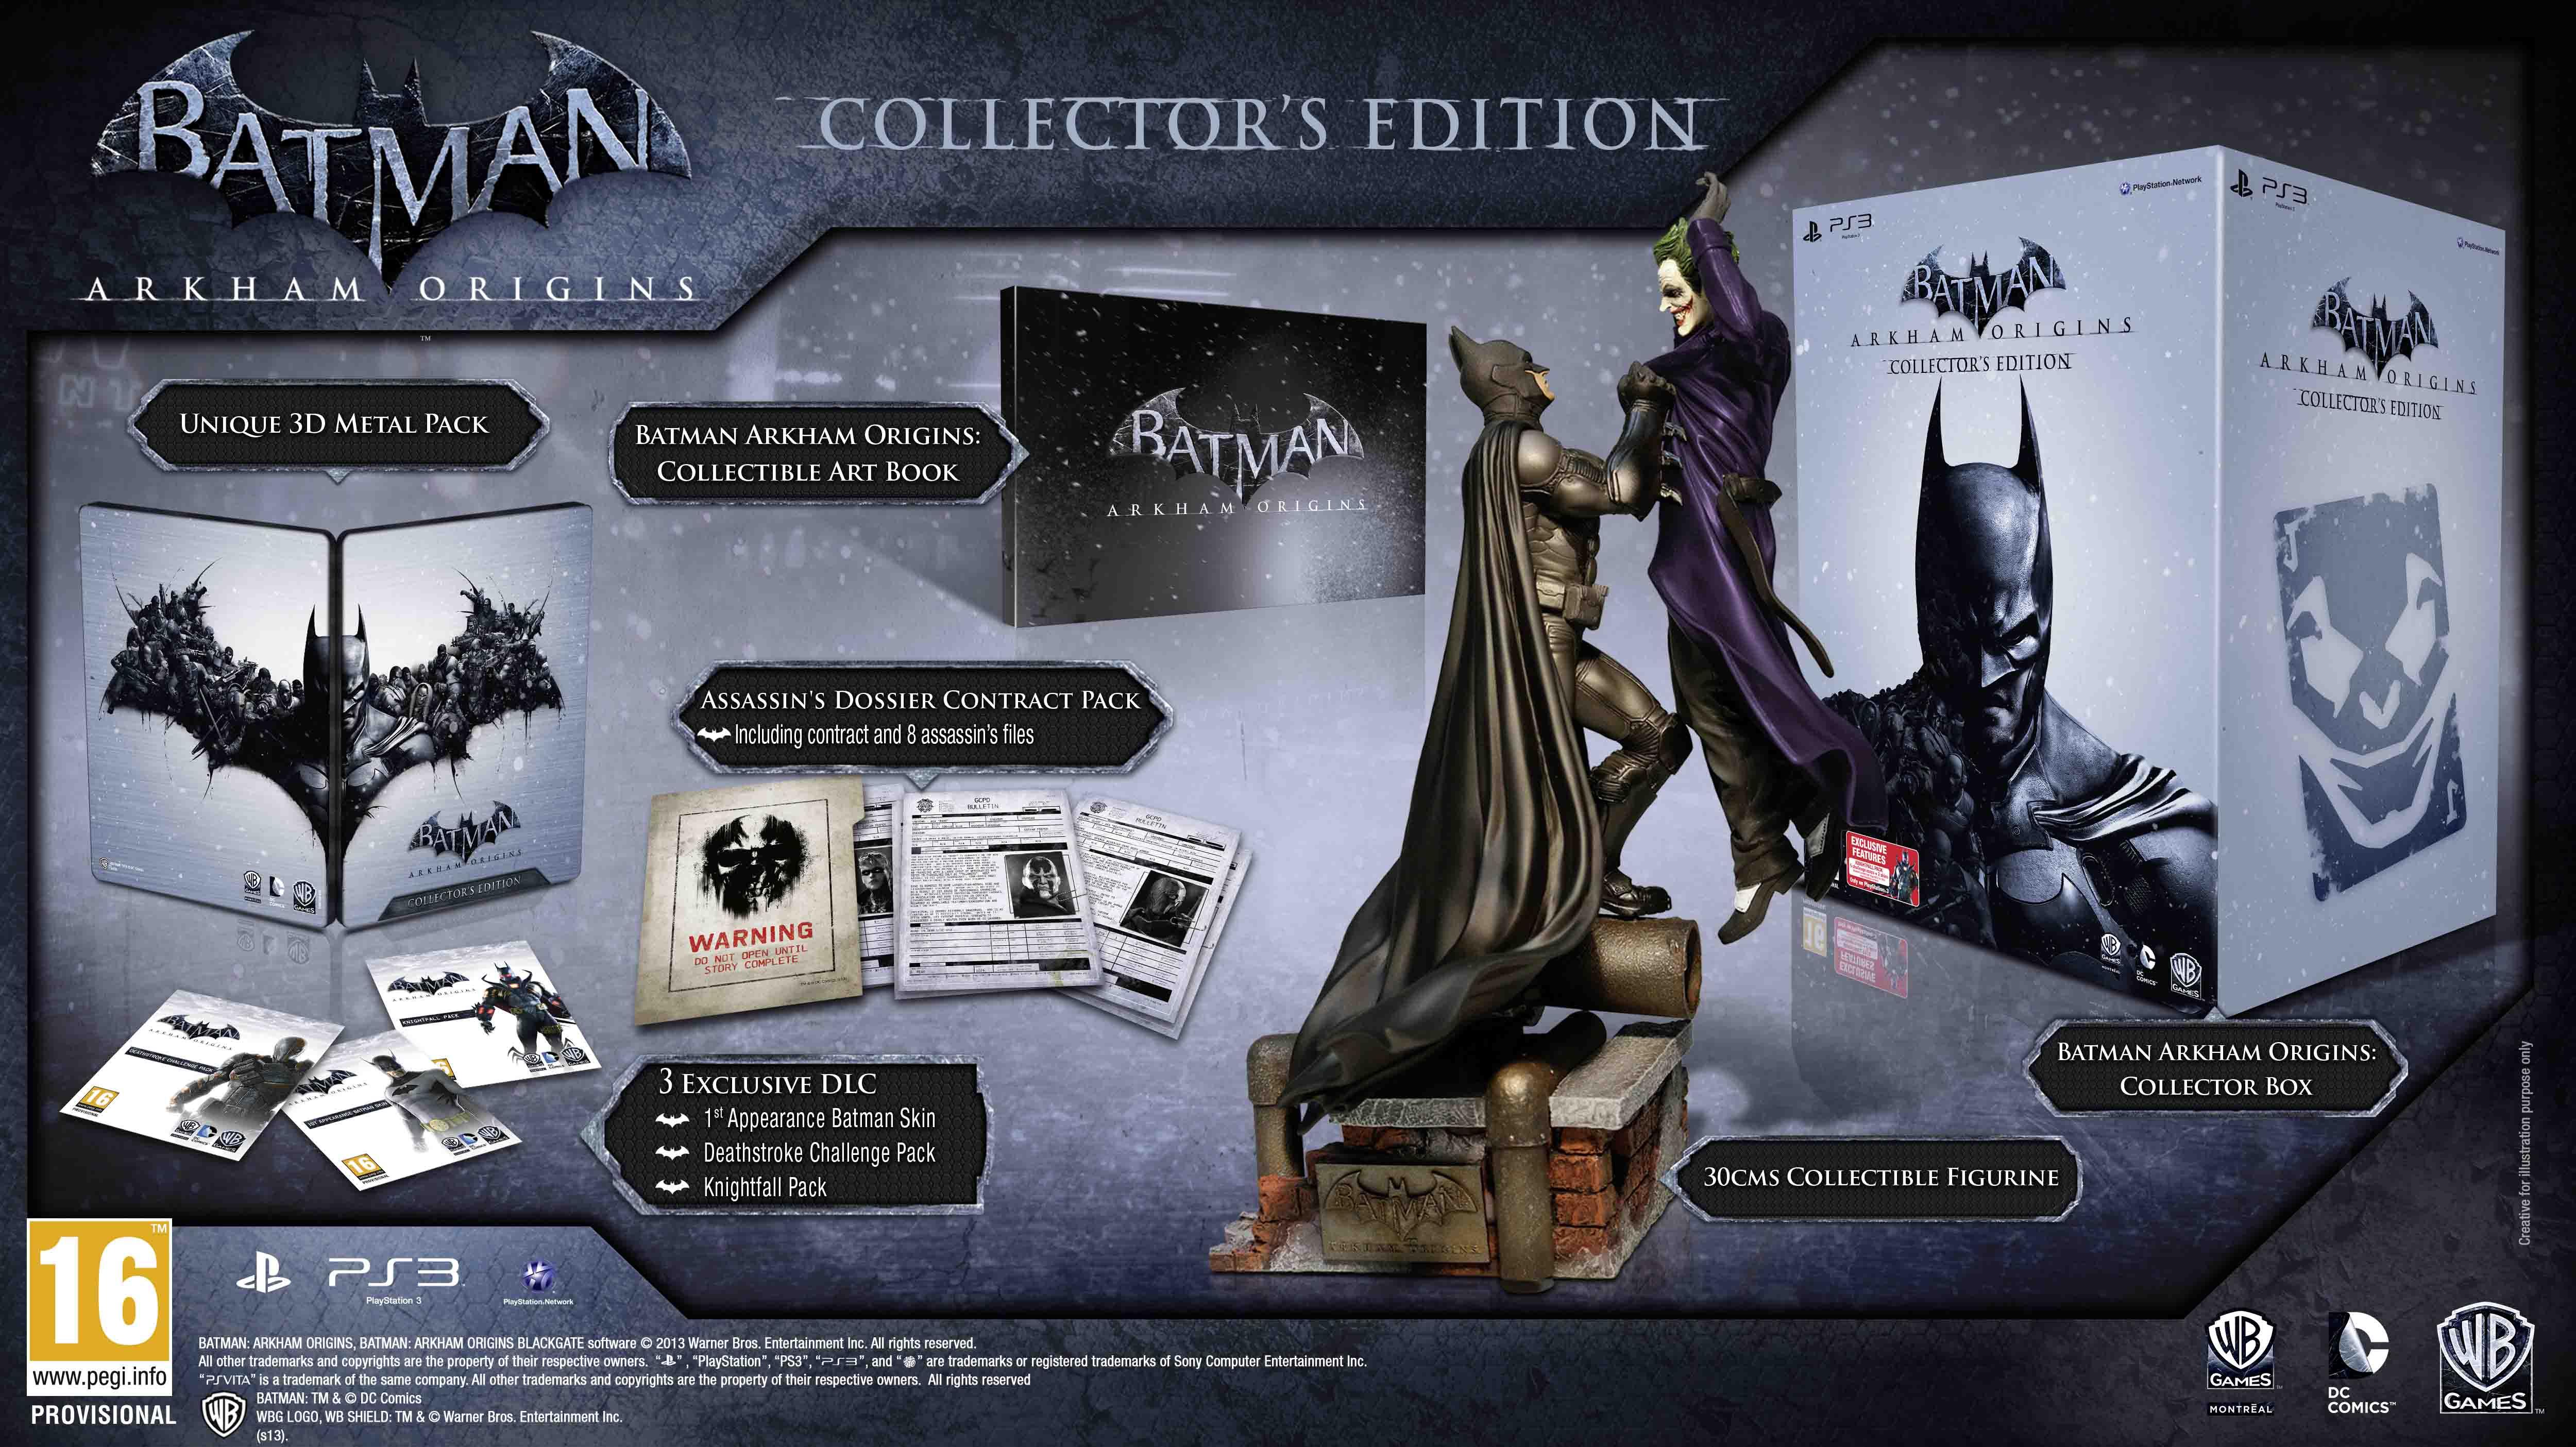 Batman Arkham Origins: Collectors Edition PS3 | Zavvi